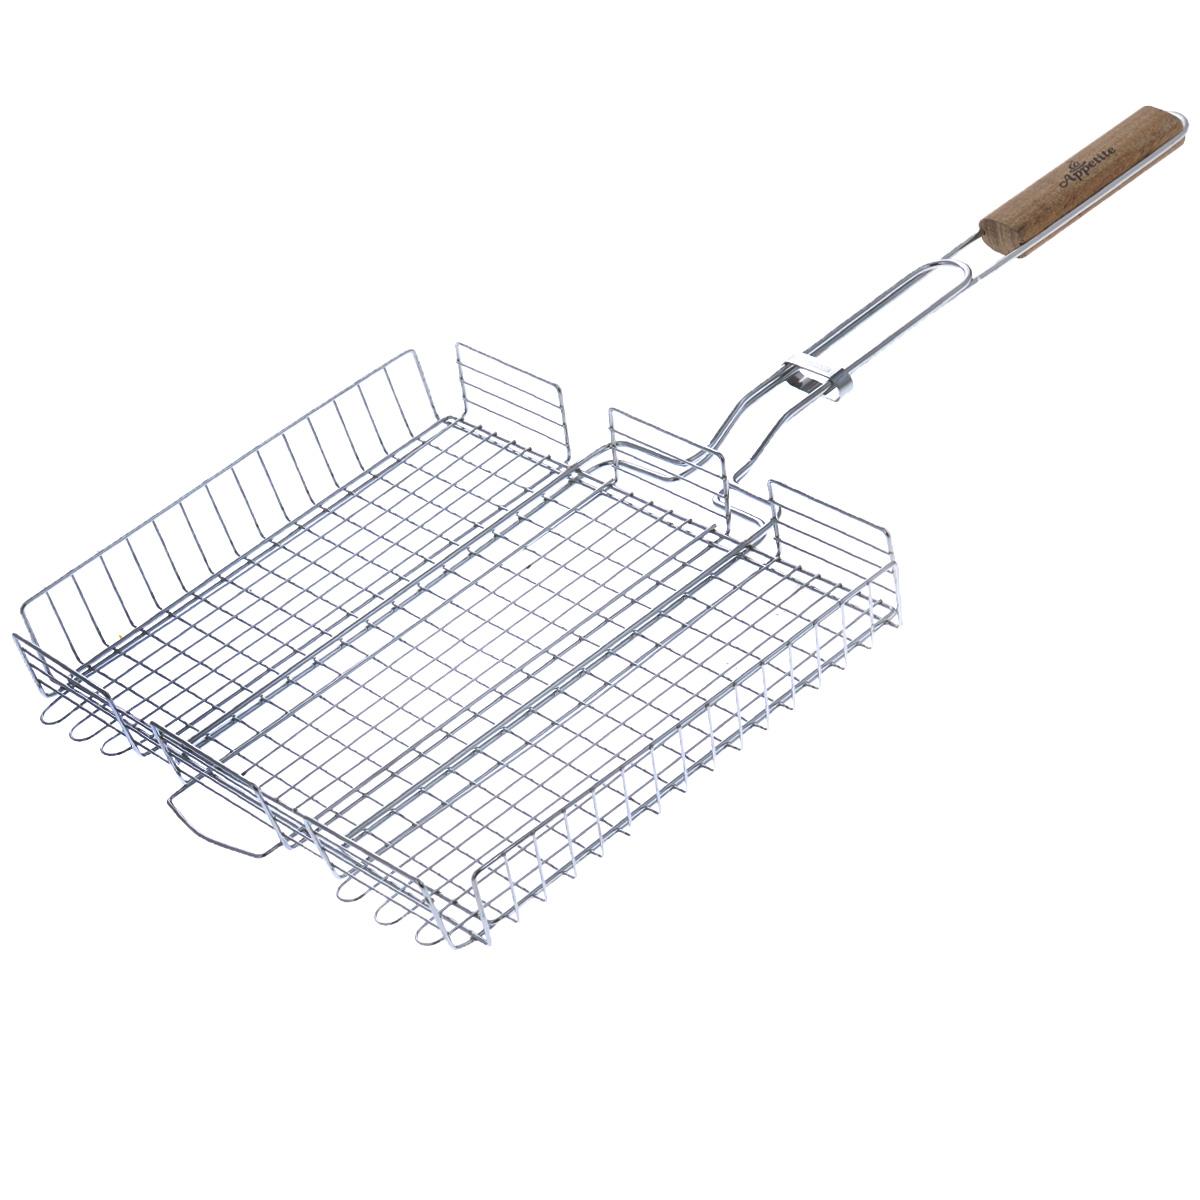 Решетка-гриль глубокая Appetite, 35 х 28,5 смFC-3Решетка-гриль Appetite изготовлена из стали с хромированным покрытием. Приготовление вкусных блюд из рыбы, мяса или птицы на пикнике становится еще более быстрым и удобным с использованием решетки-гриль. Верхняя прижимная сетка решетки регулируется по высоте и позволяет готовить продукты разной толщины. Высокие бортики не дадут упасть продуктам на угли при перевороте решетки. Решетка-гриль отлично подходит для мангала. Удобная для обхвата деревянная ручка помогает легче переворачивать решетку и делает ее использование более безопасным. Размер решетки: 35 см х 28,5 см х 4,5 см. Длина ручки: 36 см.